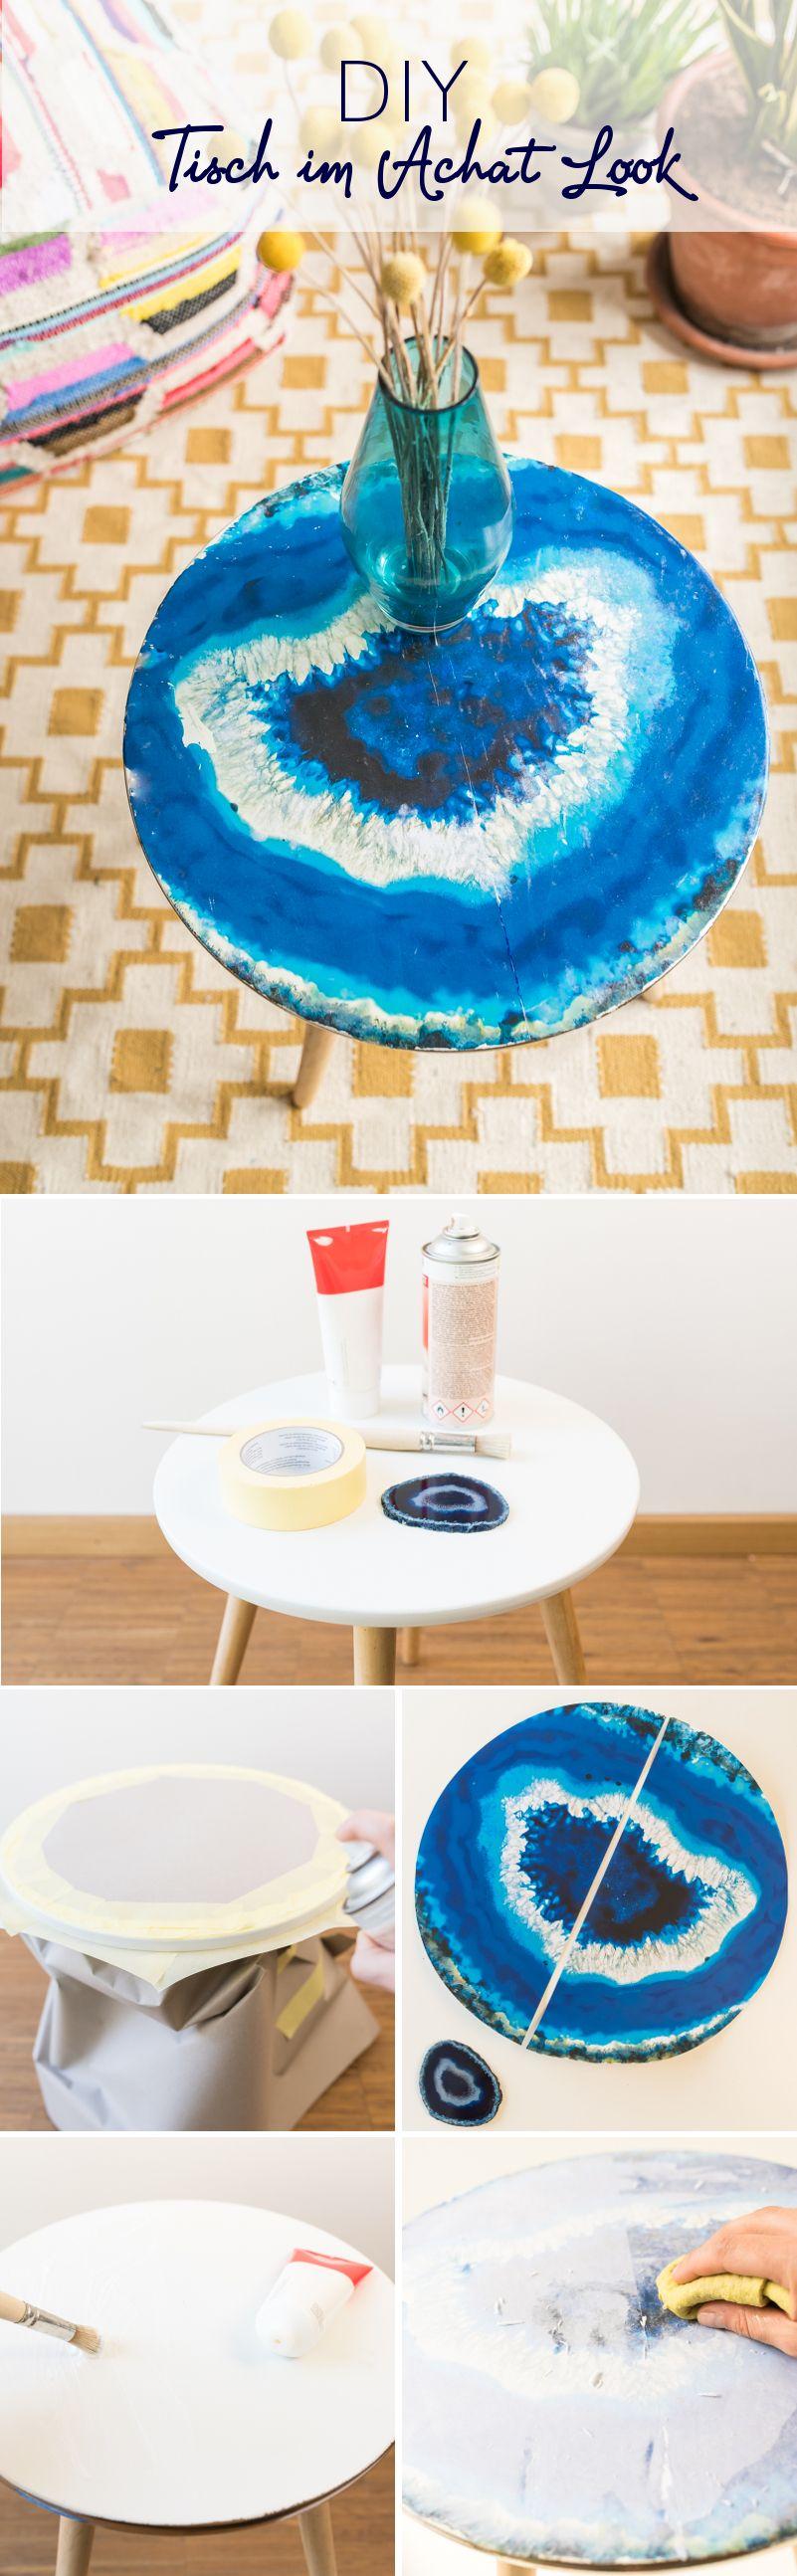 Diy Tisch Im Achat Look Craft And Crafty